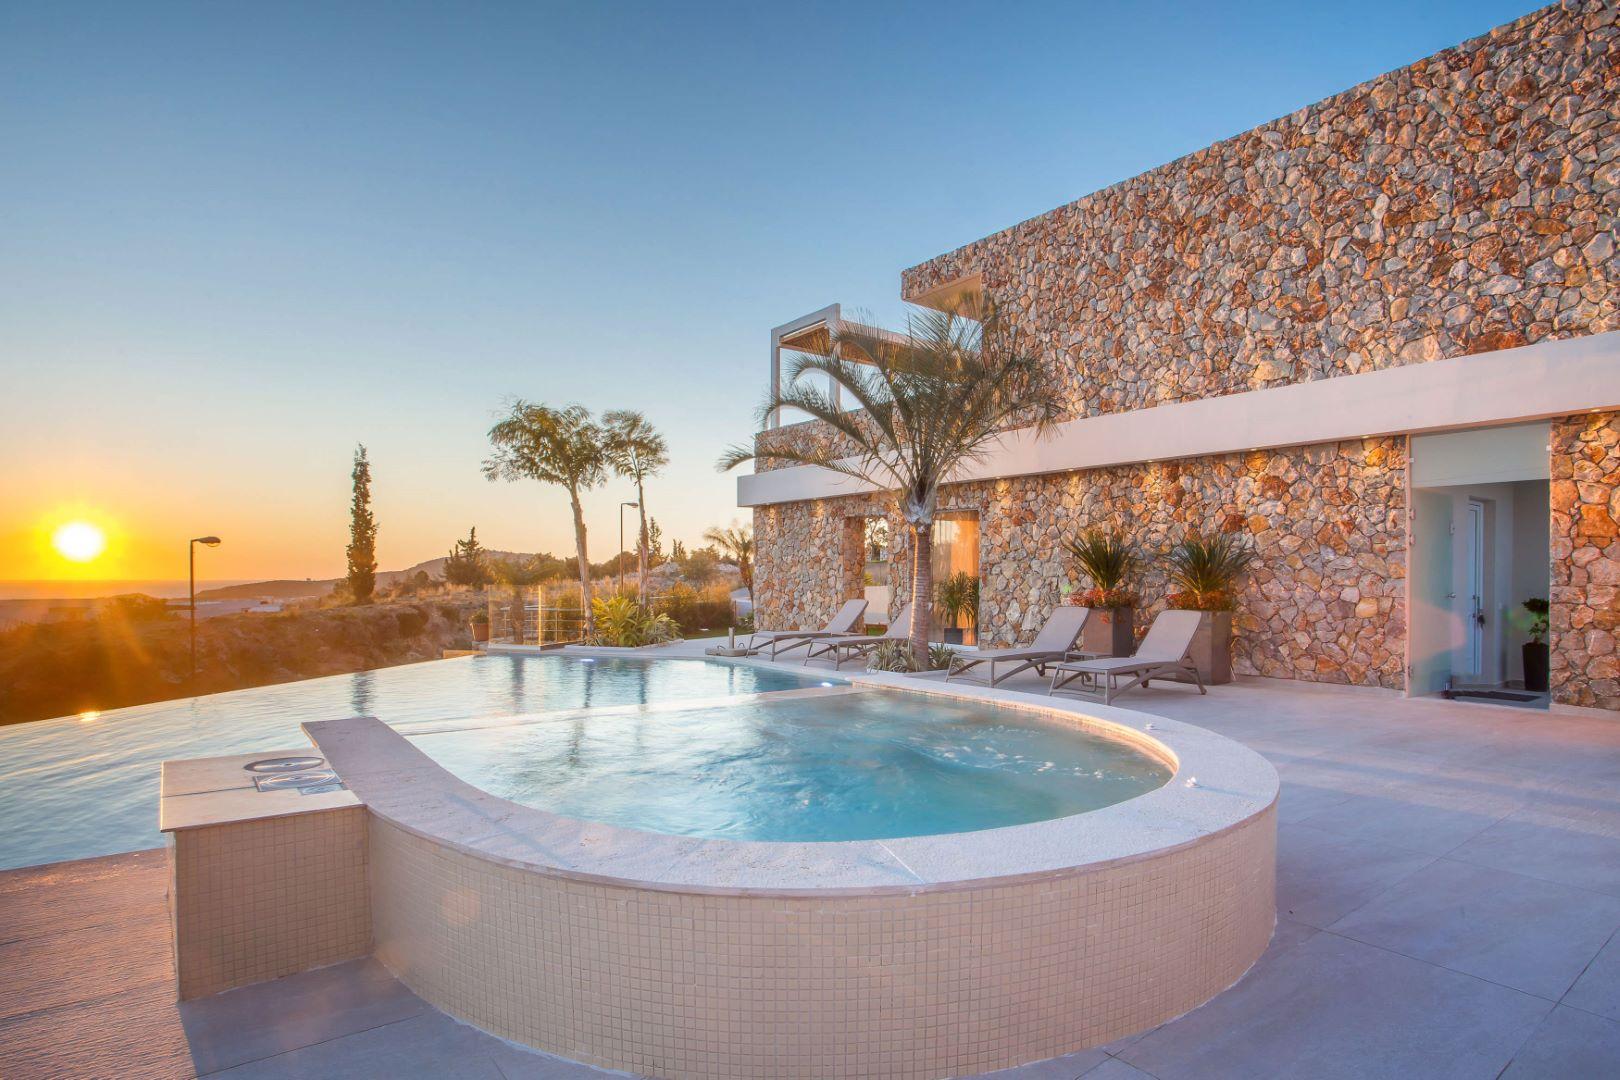 rhodes villas private pools